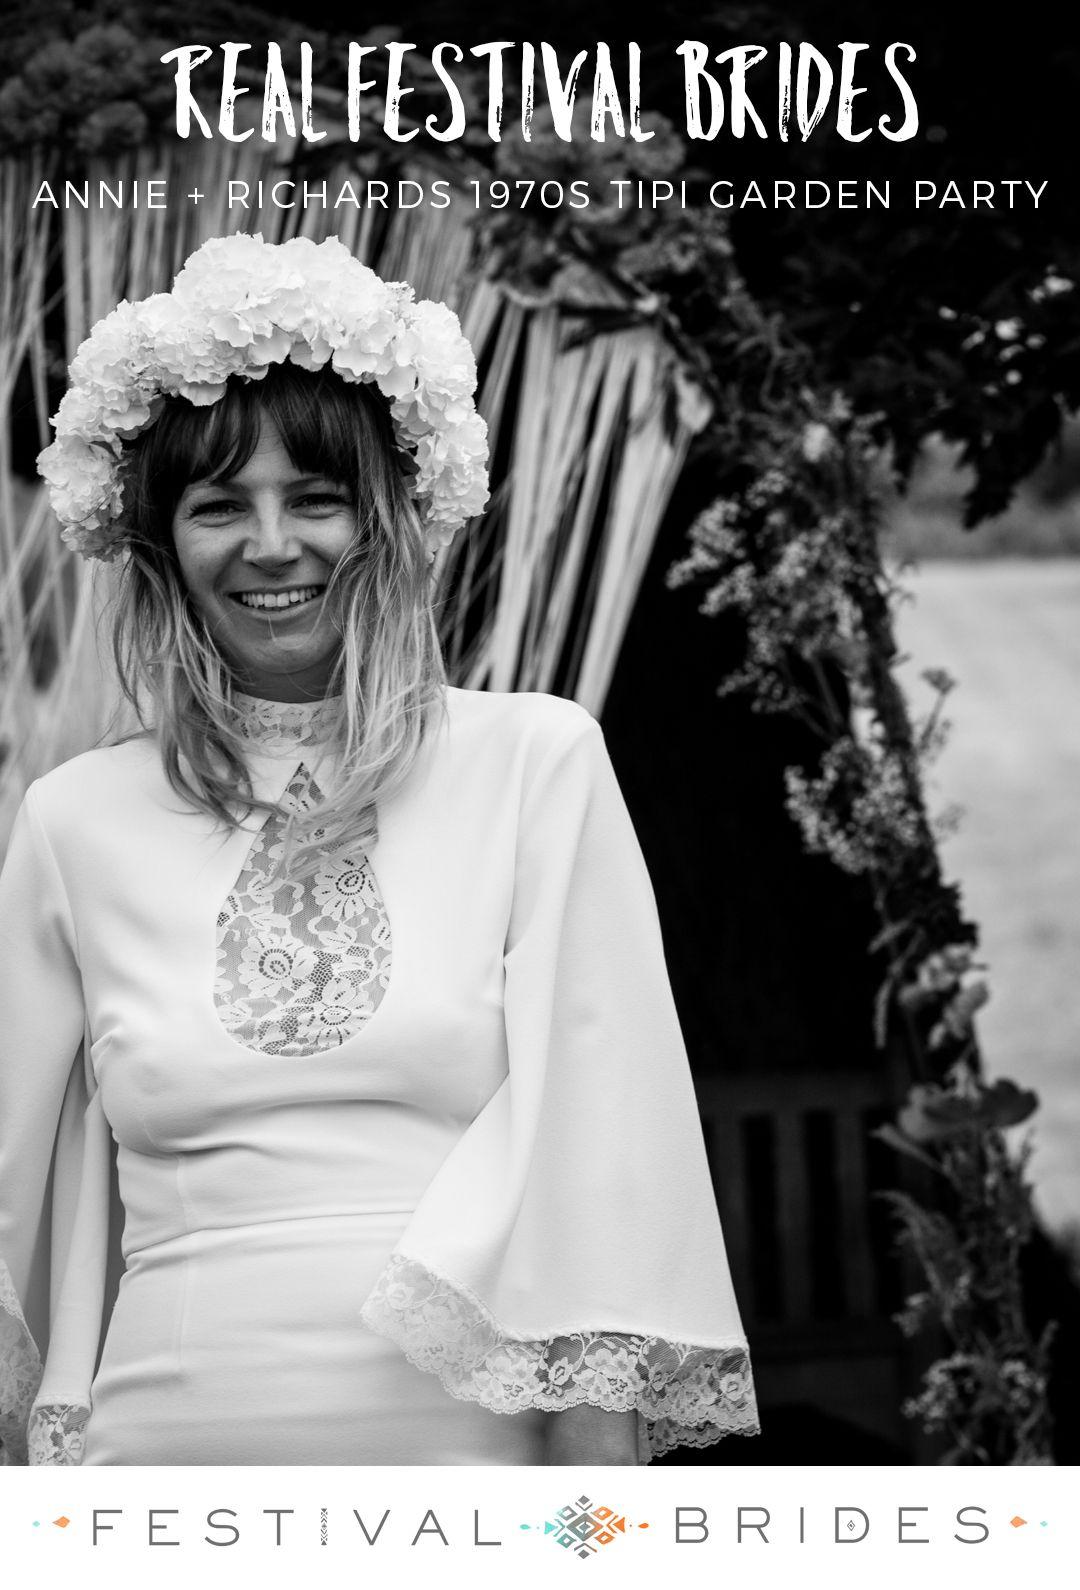 Festival brides annie richardus s bohemian tipi wedding